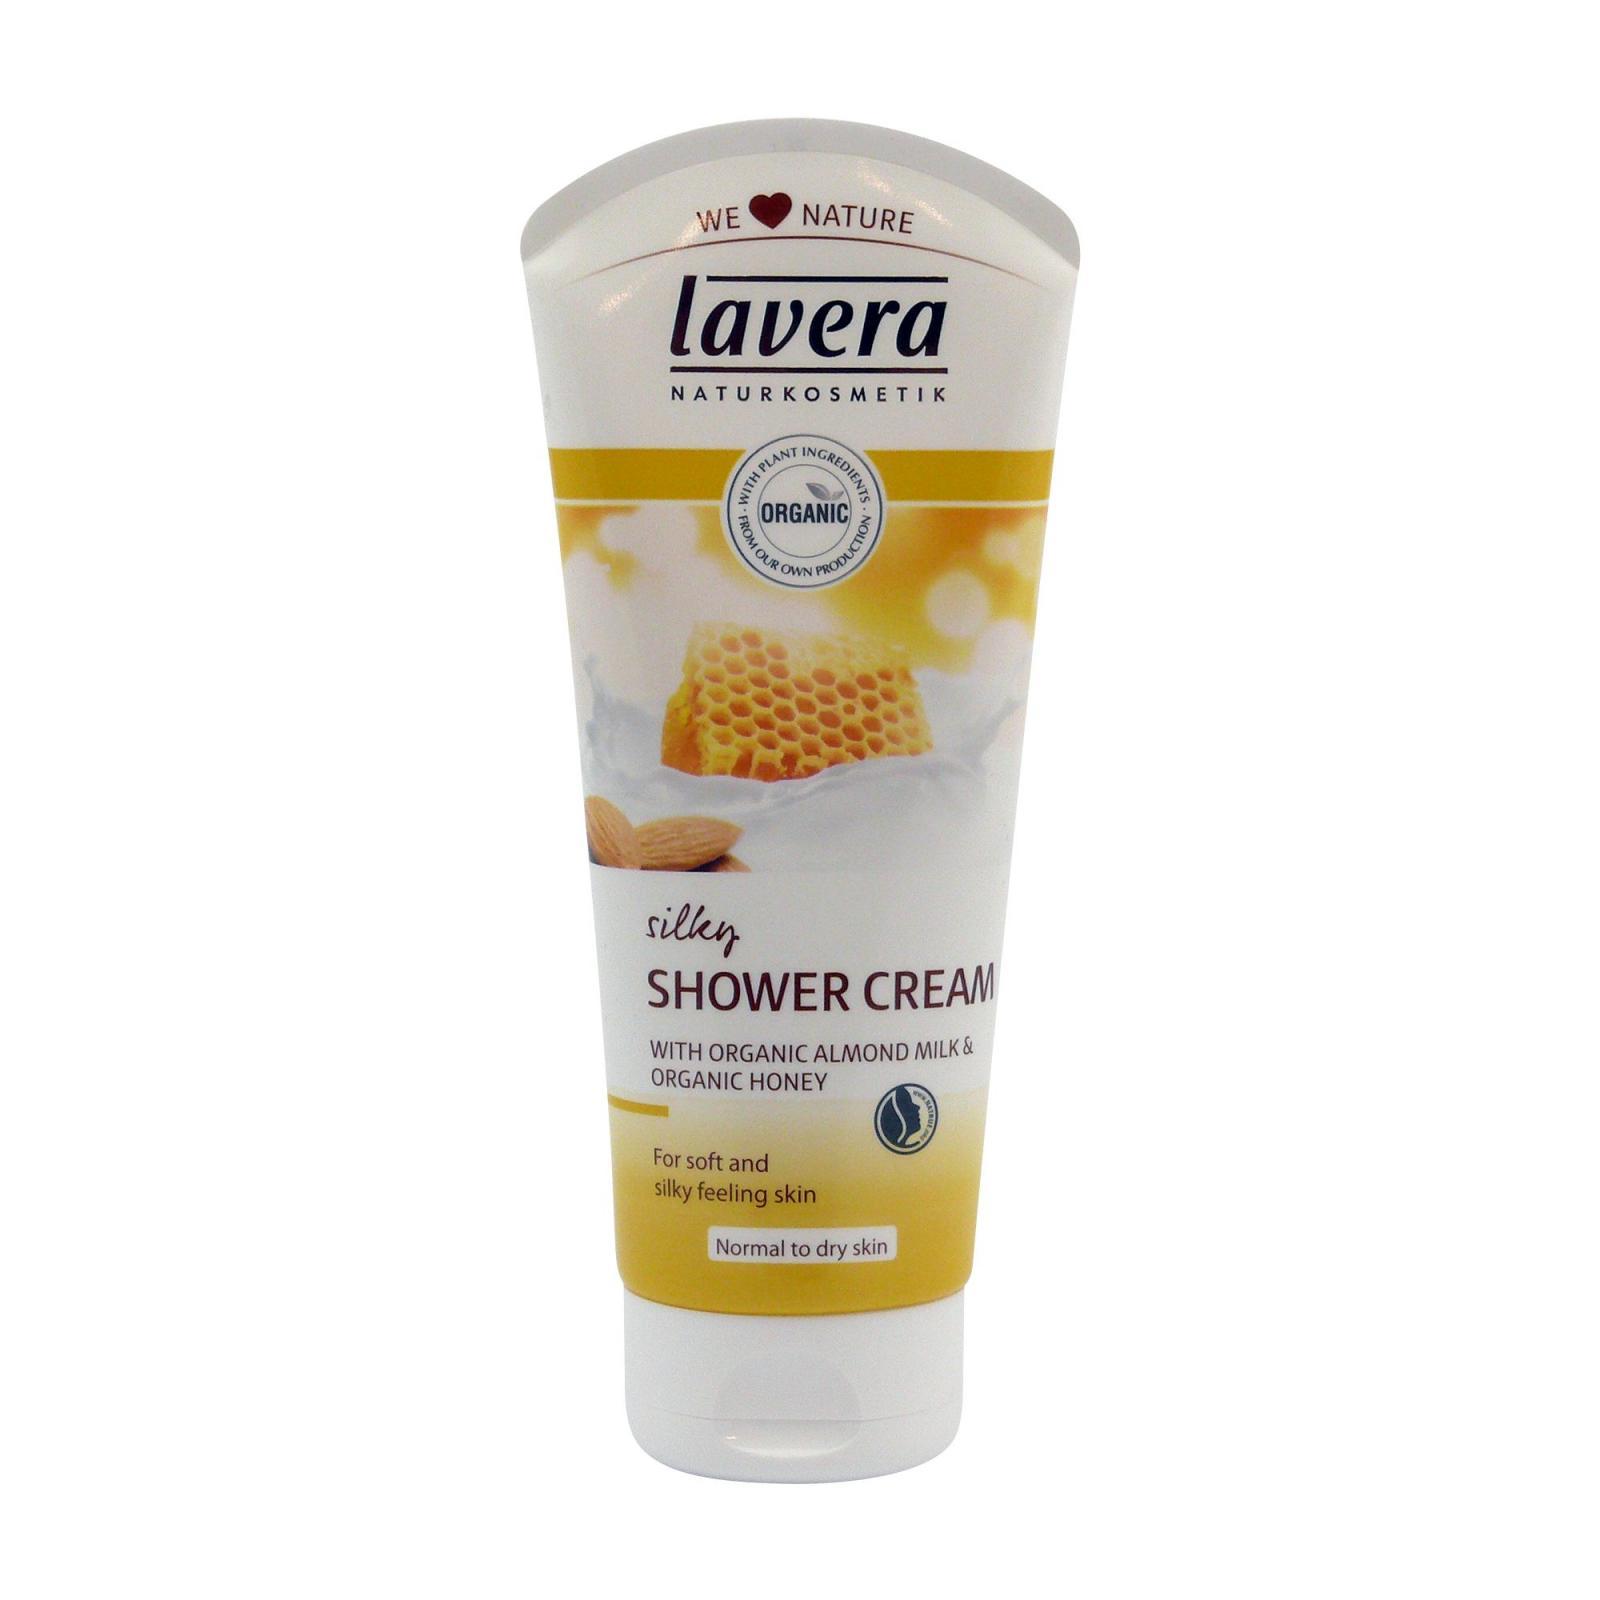 Lavera Sprchový gel mléko a med, Body Spa 150 ml